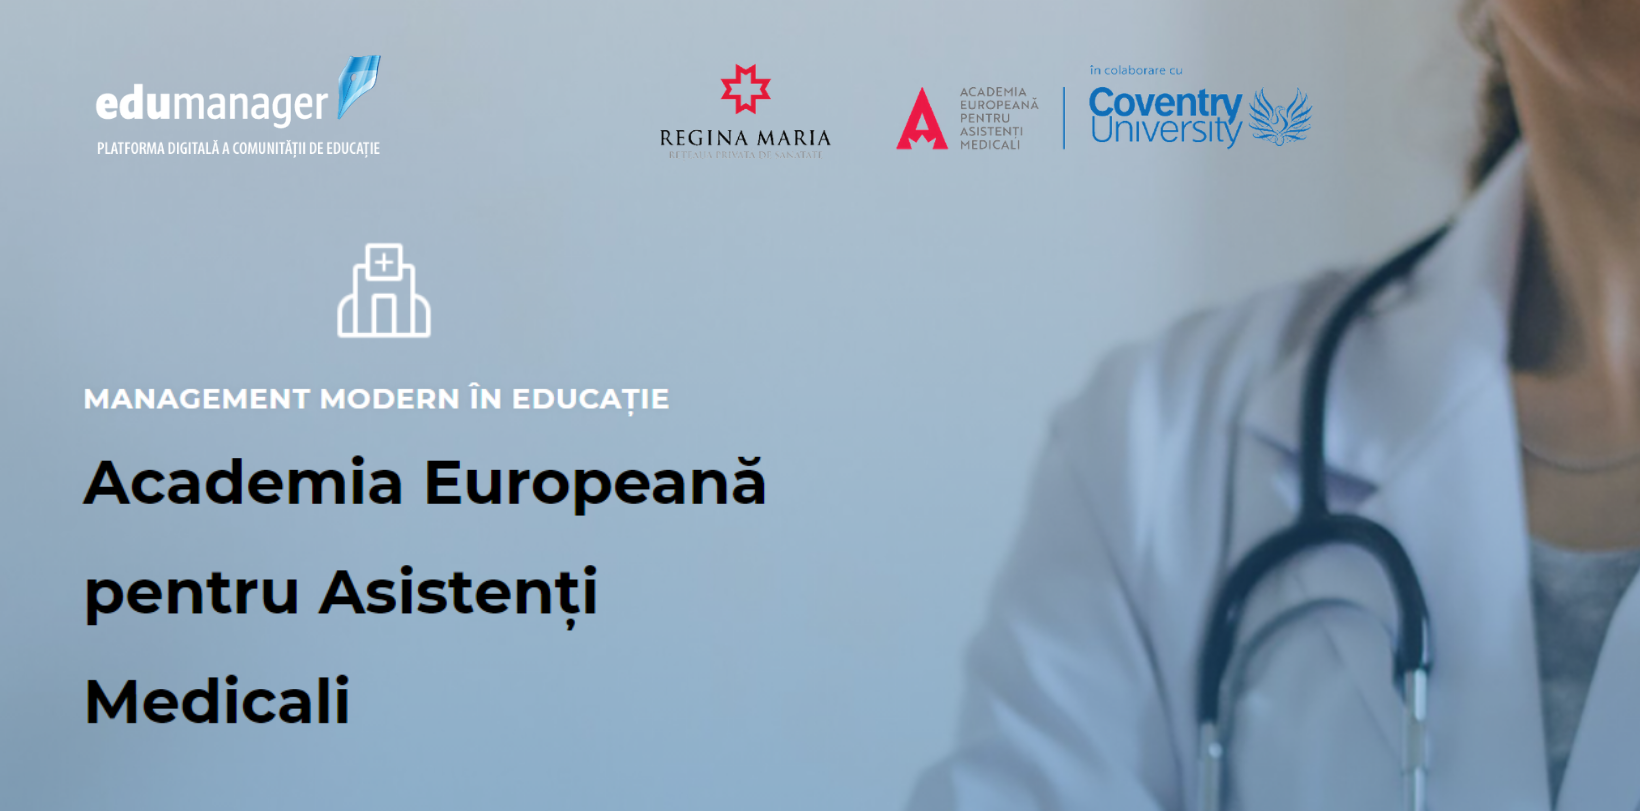 Comunitatea OSC – EduManager: Despre inovațiile și oportunitățile din domeniul educației medicale, discutate cu reprezentanții Academiei Europene pentru Asistenți Medicali